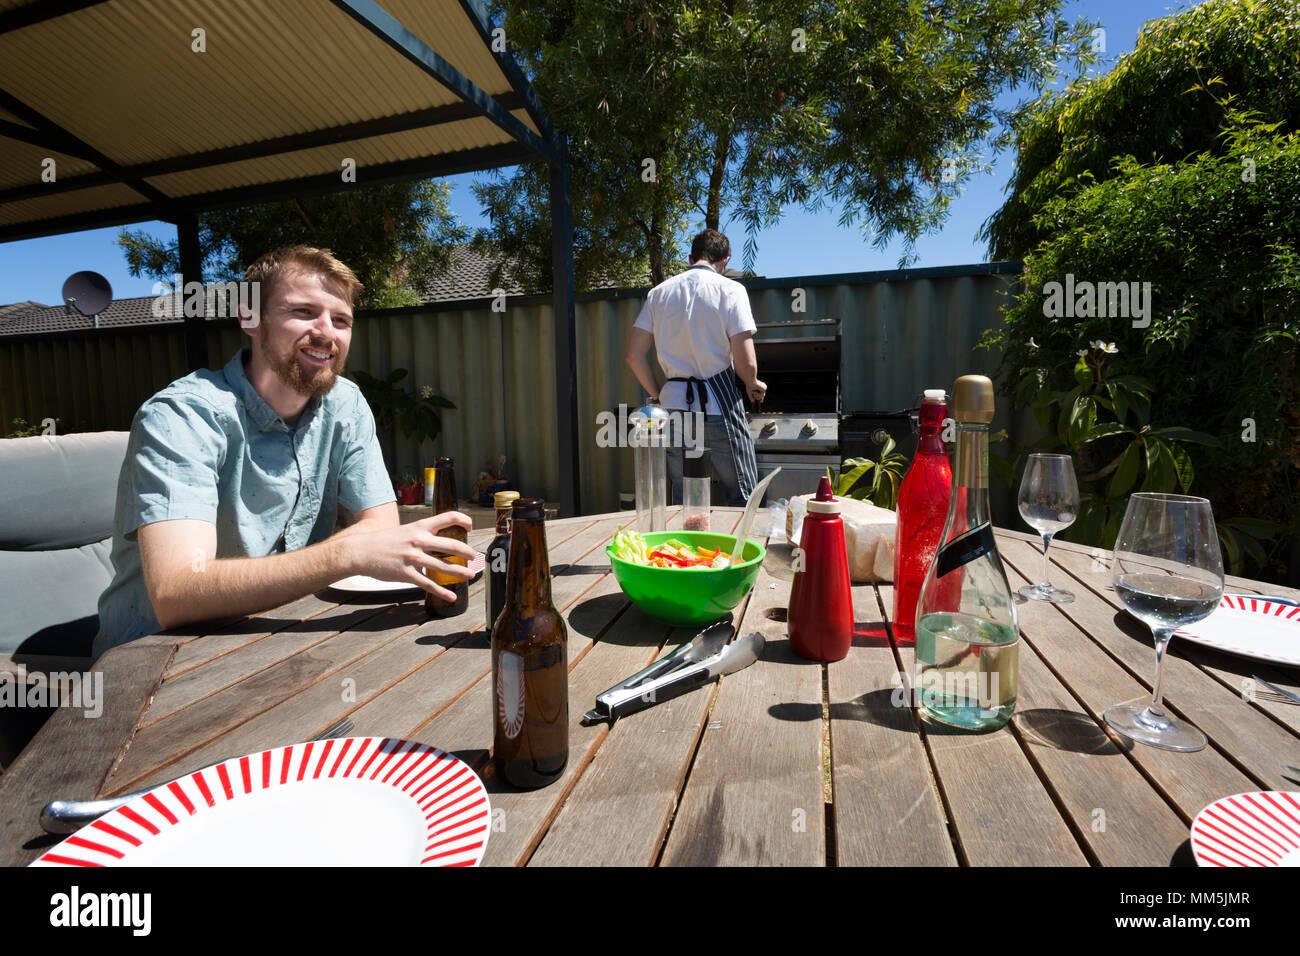 Una tabella impostata per un barbecue Australiano. Immagini Stock